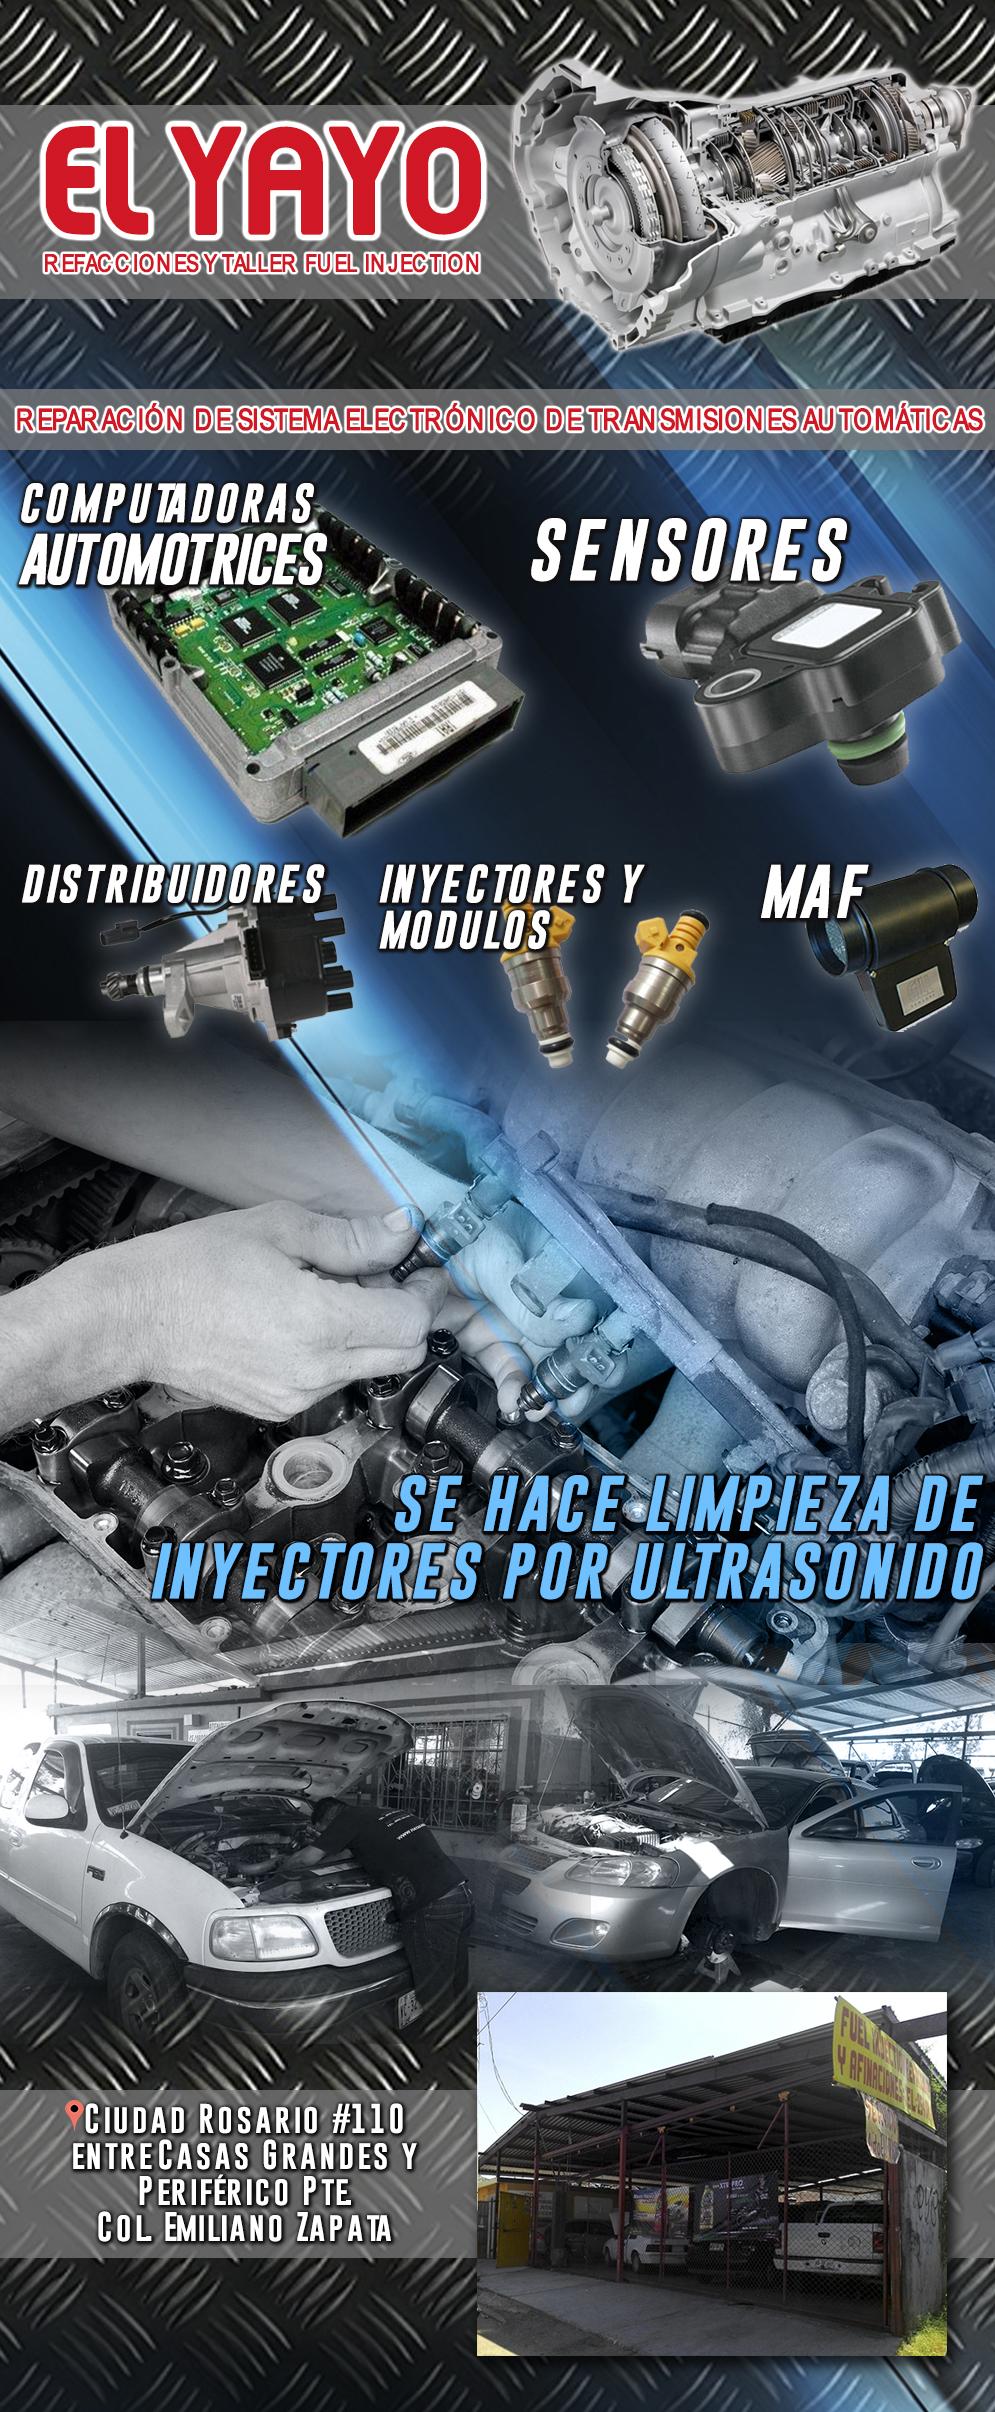 El yayo refacciones y taller fuel injection en hermosillo for Refaccionarias en hermosillo